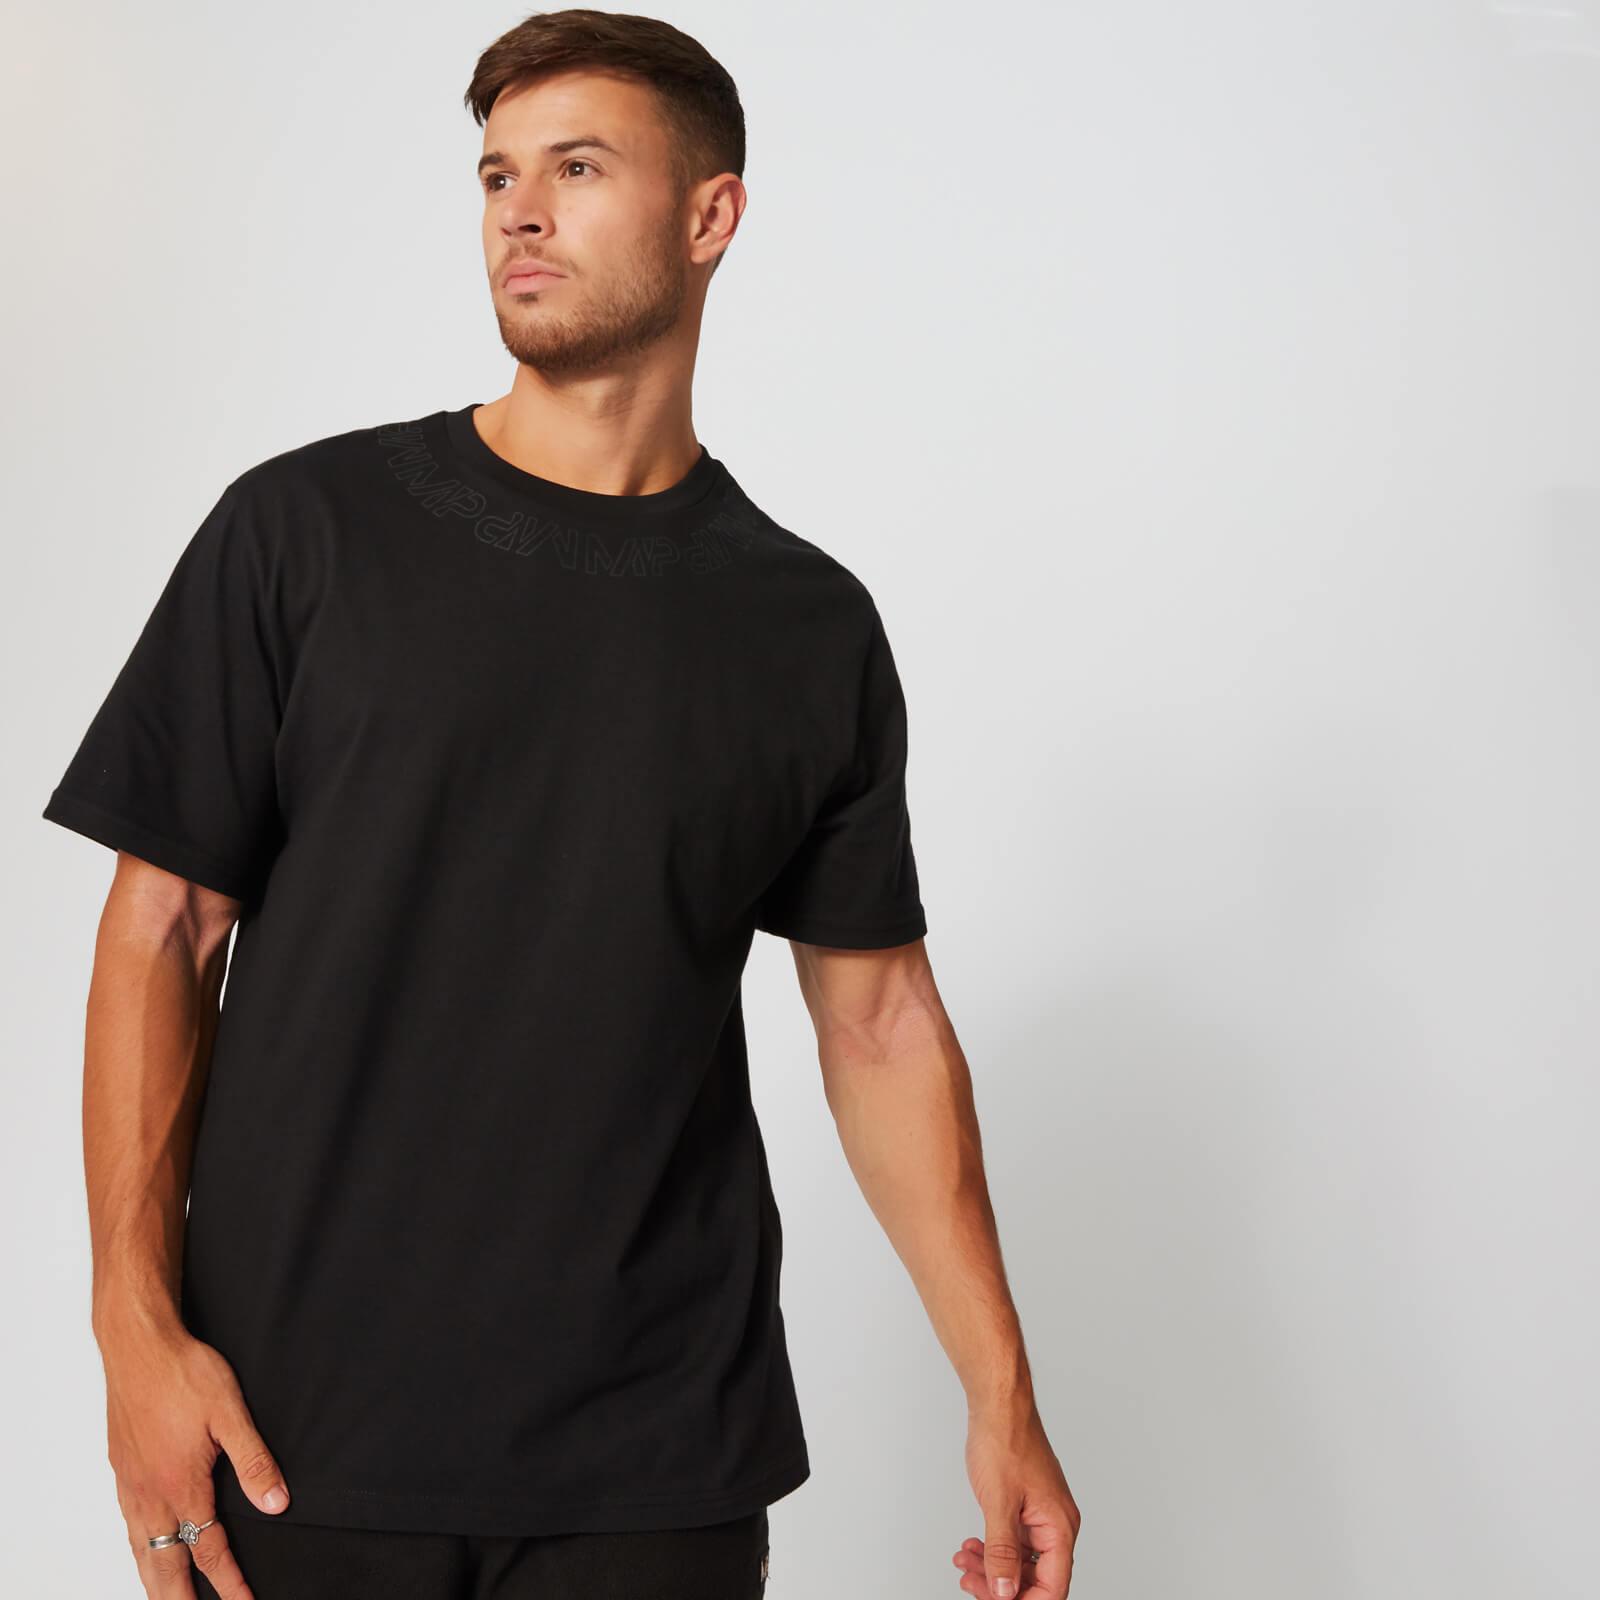 Myprotein MP Neckline Graphic T-Shirt - Black - M